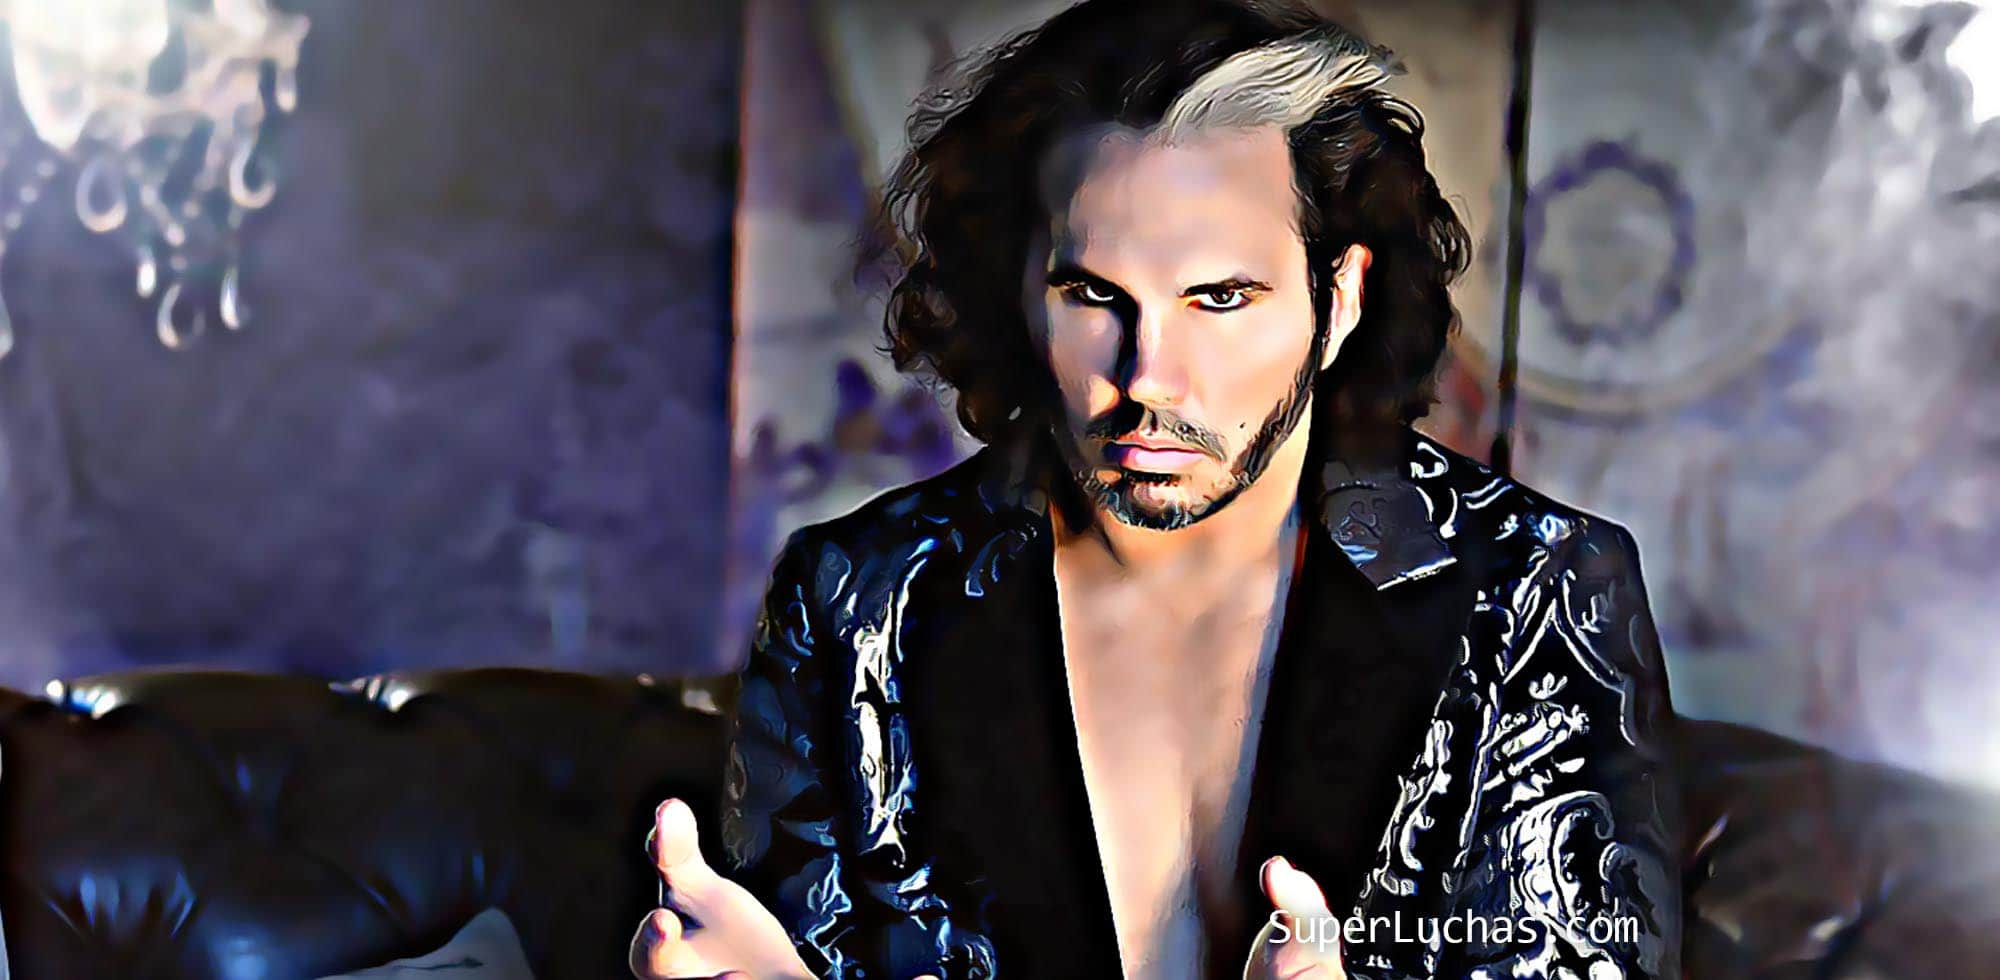 """Matt Hardy sobre su salida de TNA: """"Les deseo lo mejor. El renacimiento creativo está empezando"""" 6"""